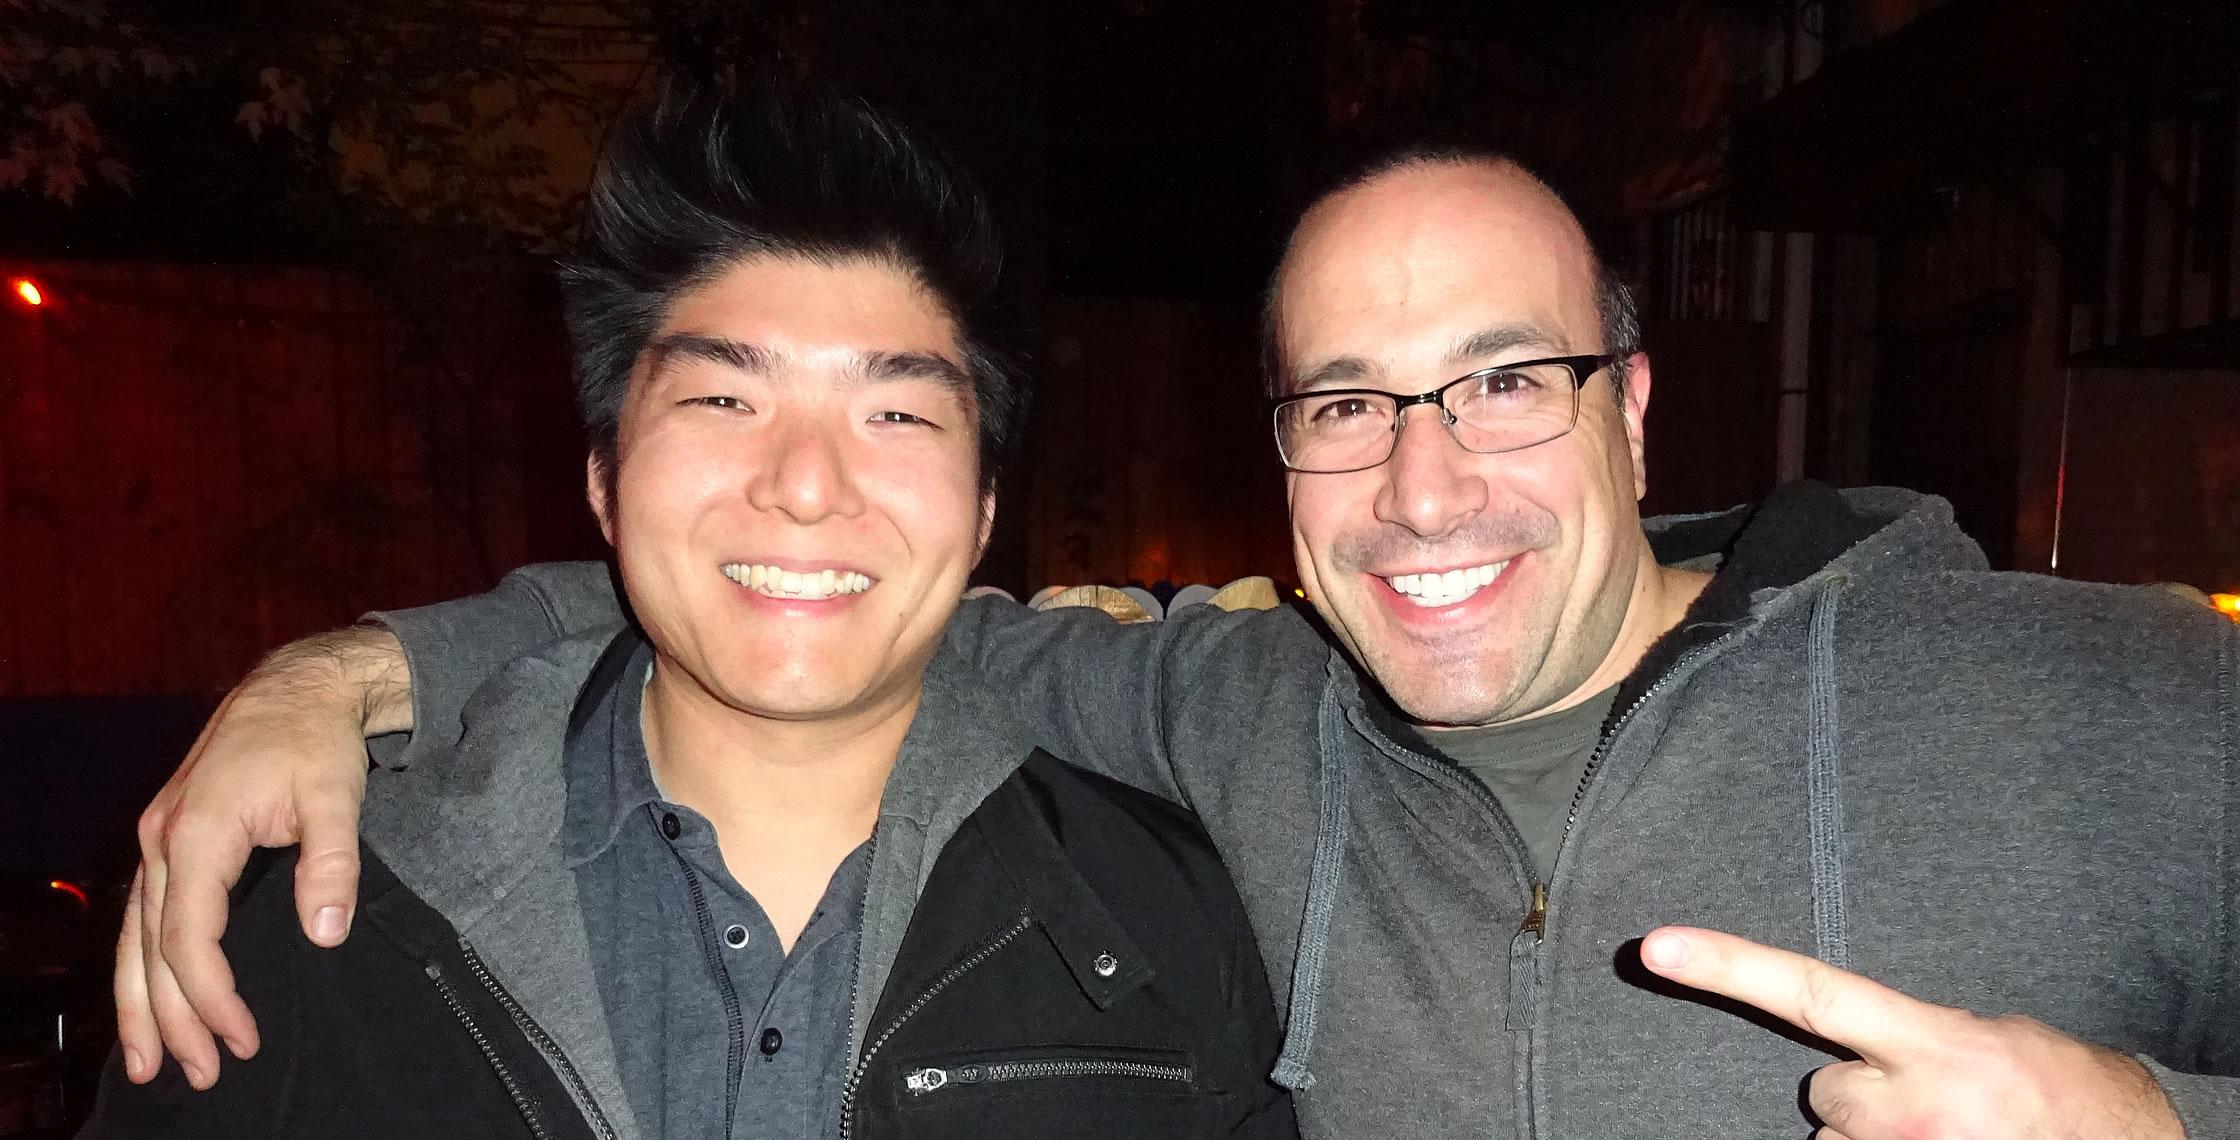 Ben Nadel at Angular 2 Master Class (New York, NY) with: Matthew Kim